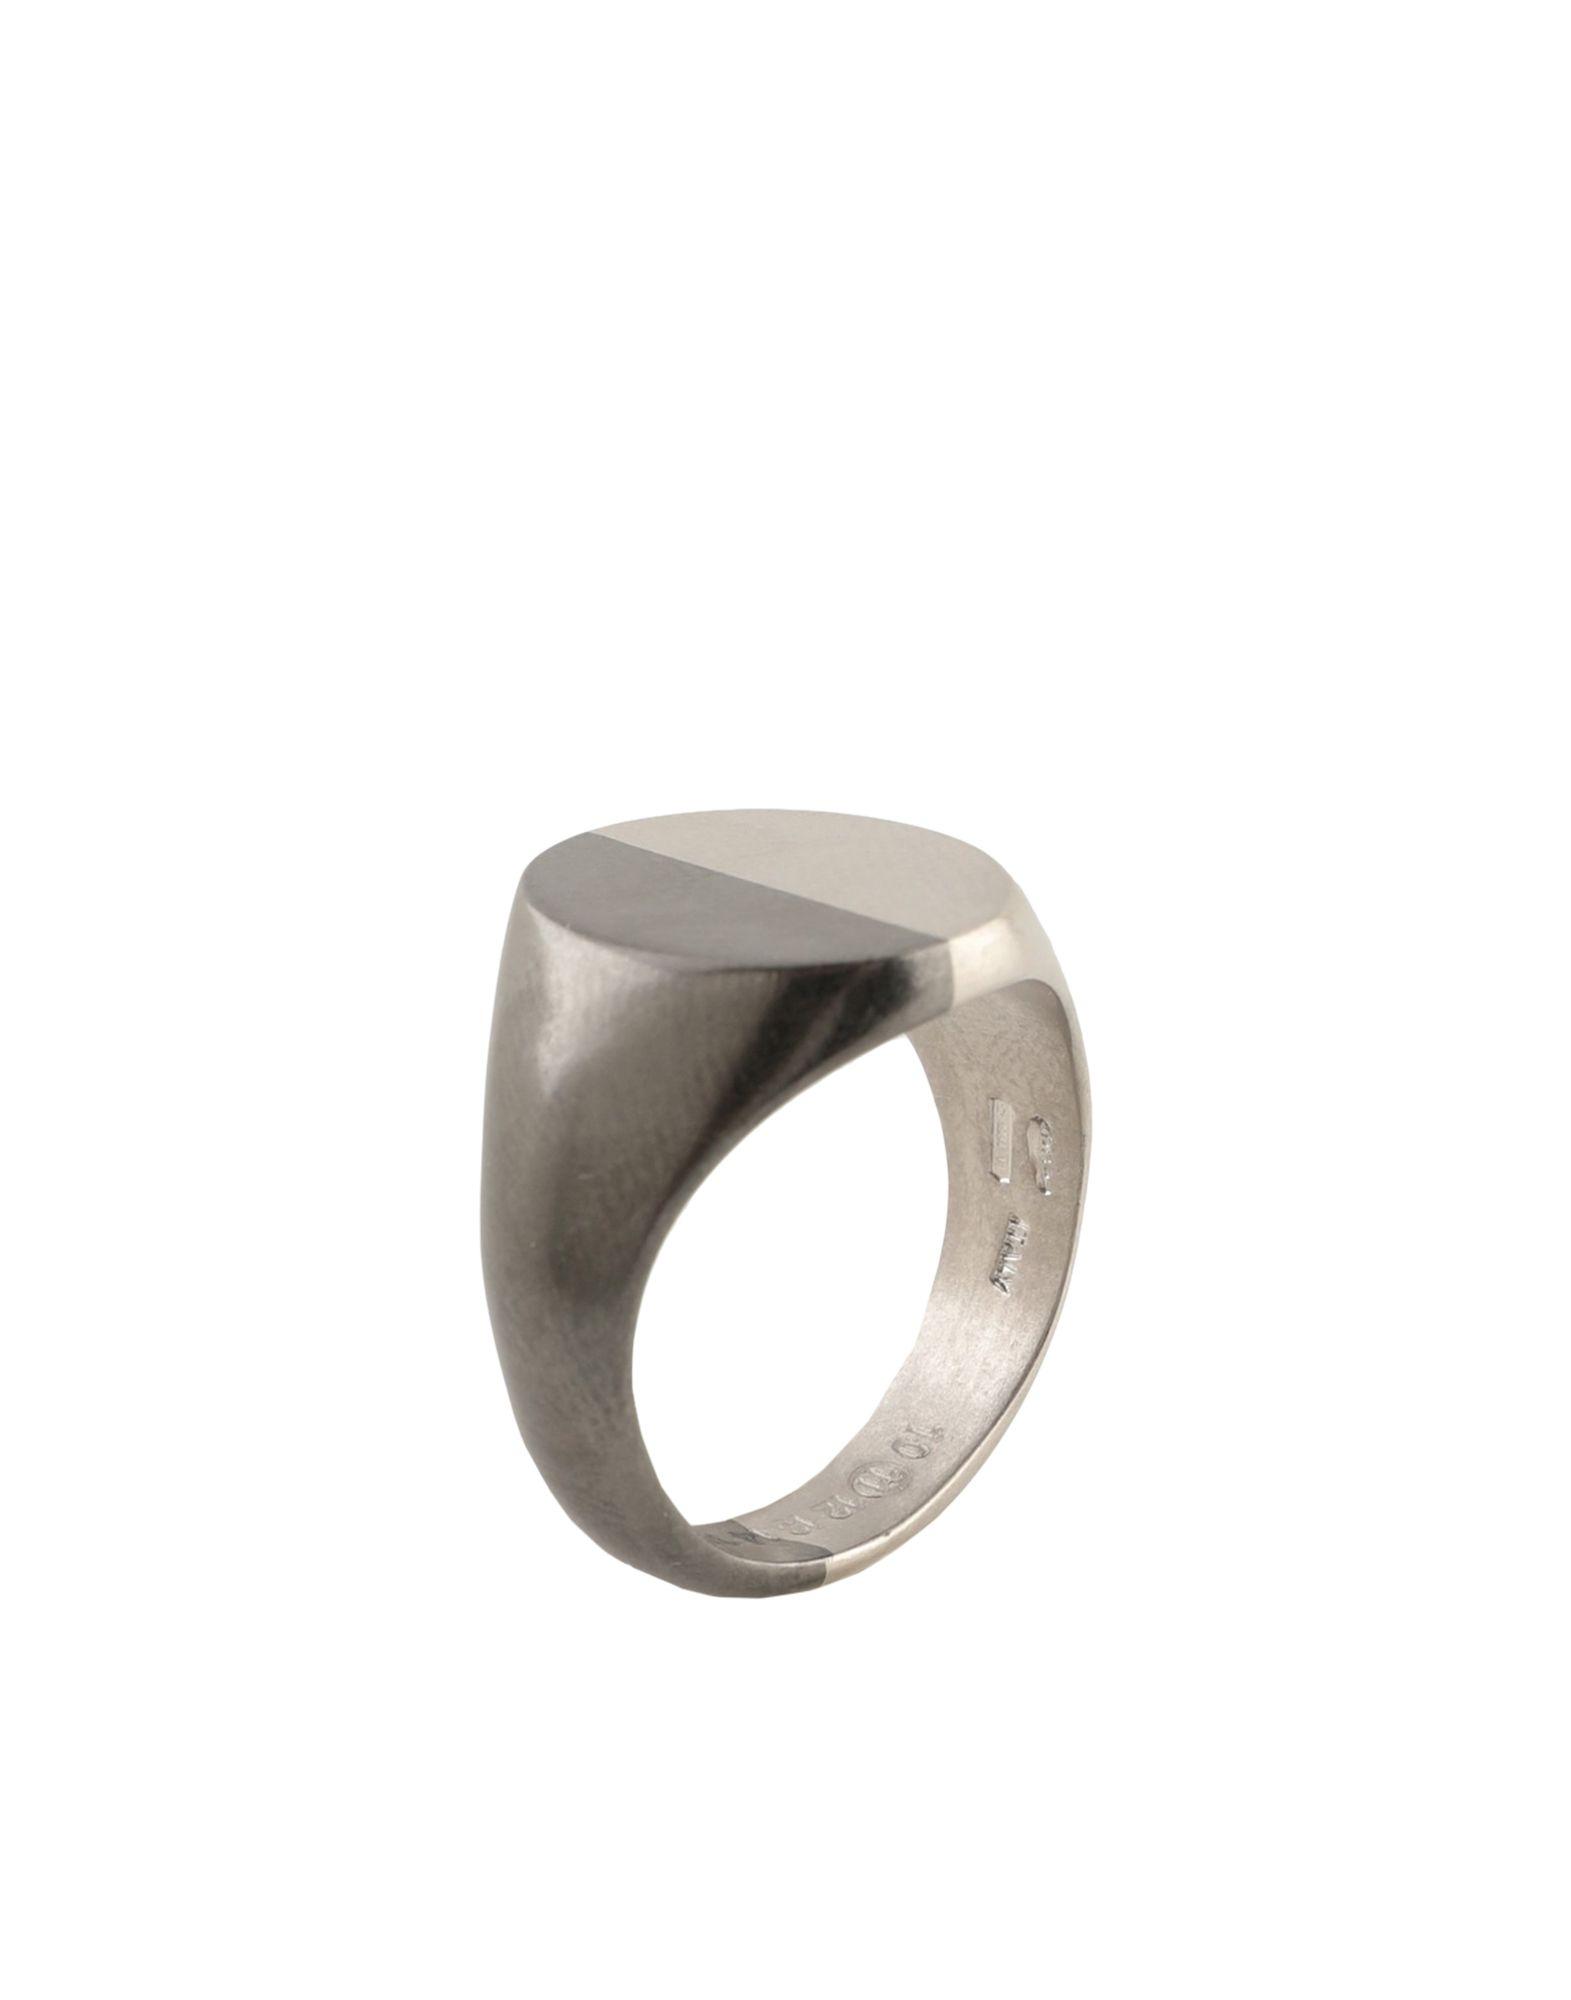 《セール開催中》MAISON MARGIELA メンズ 指輪 グレー S シルバー925/1000 100%